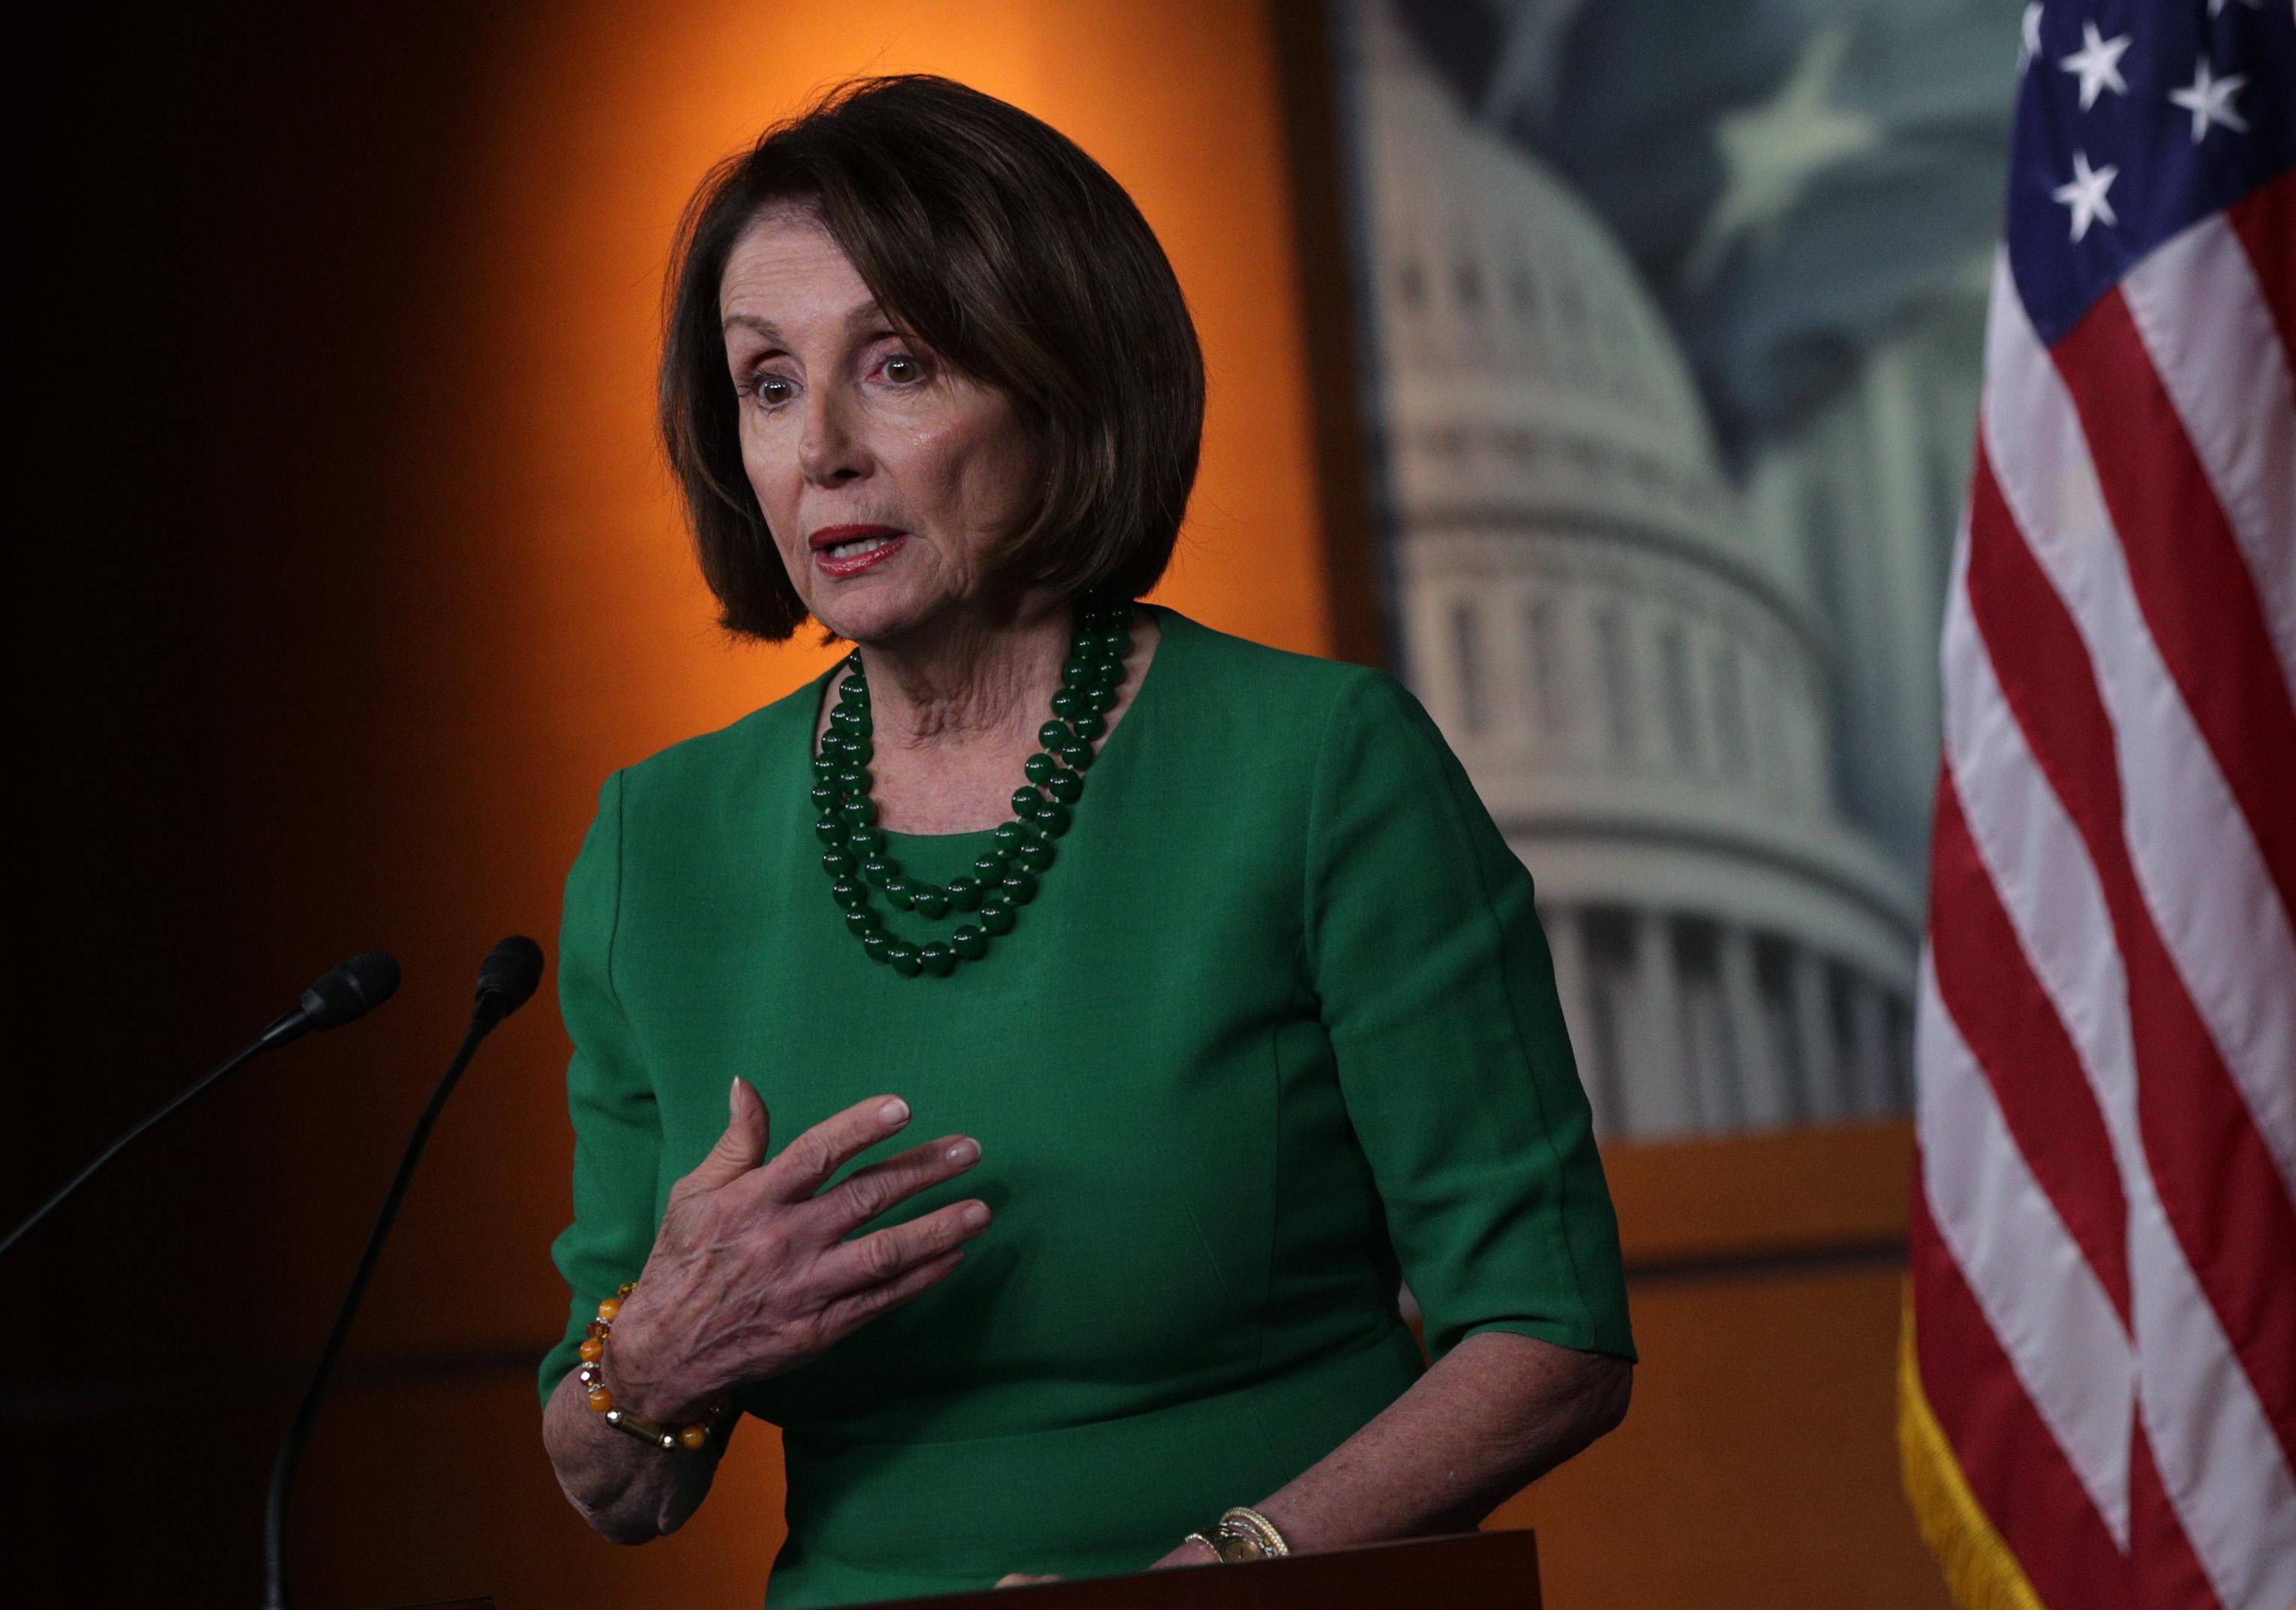 美国众议院议长Nancy Pelosi (图片来源: Alex Wong/Getty Images)